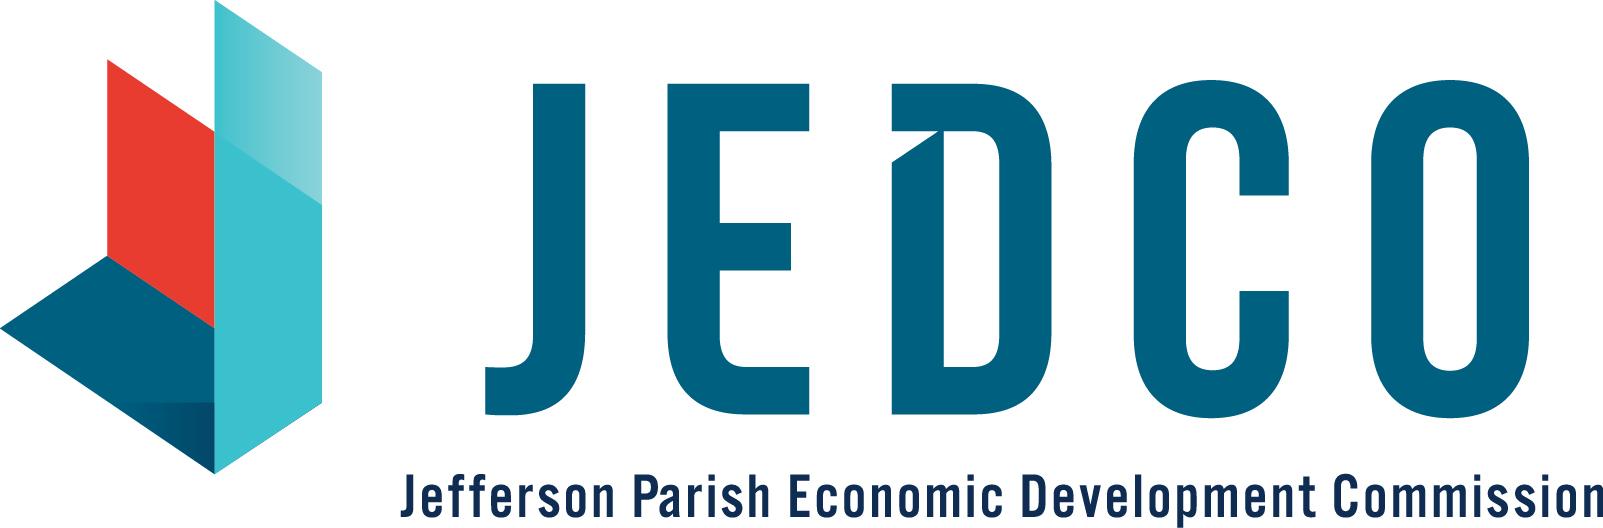 JEDCO logo